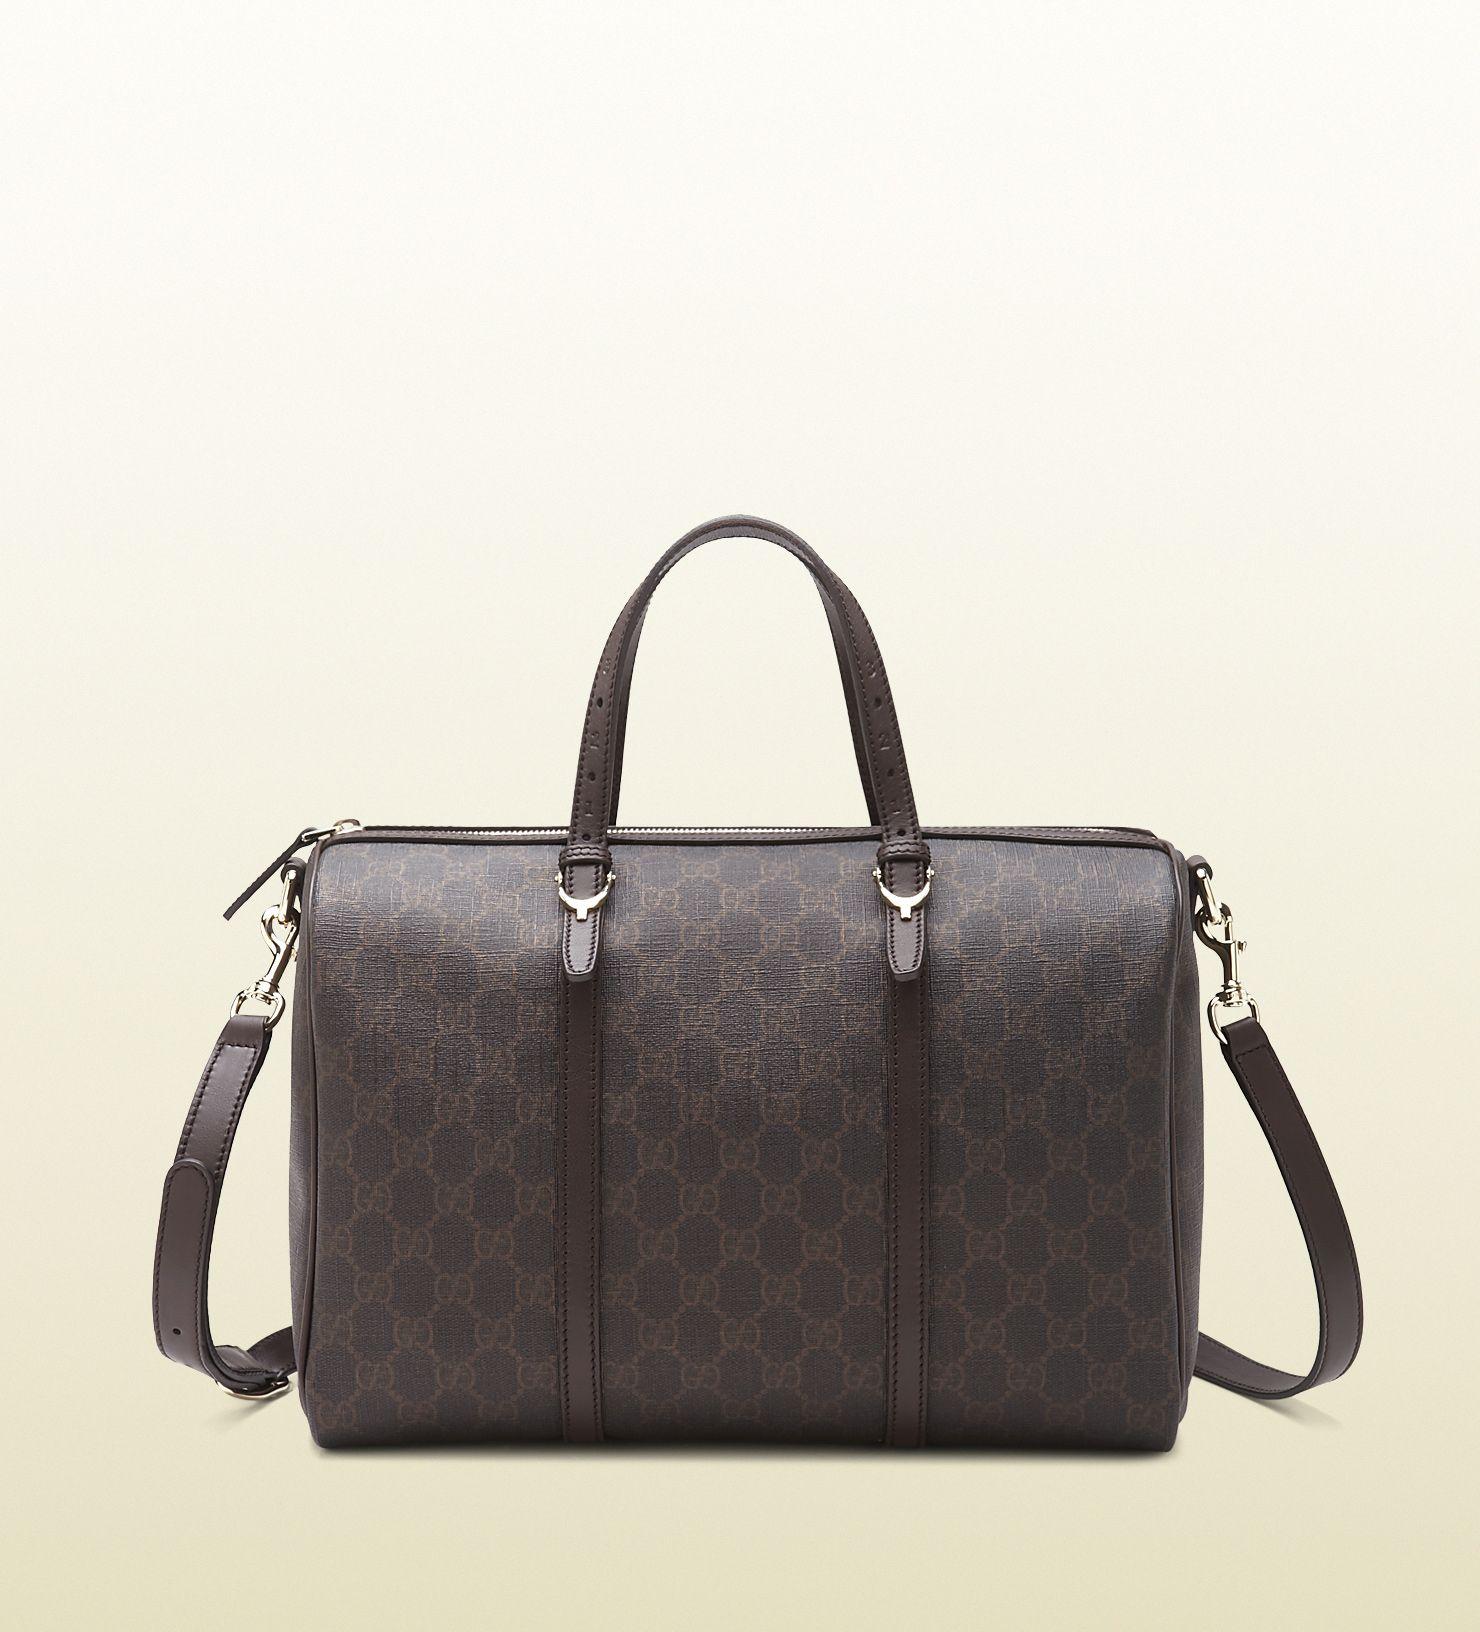 Gucci supreme canvas Boston bag